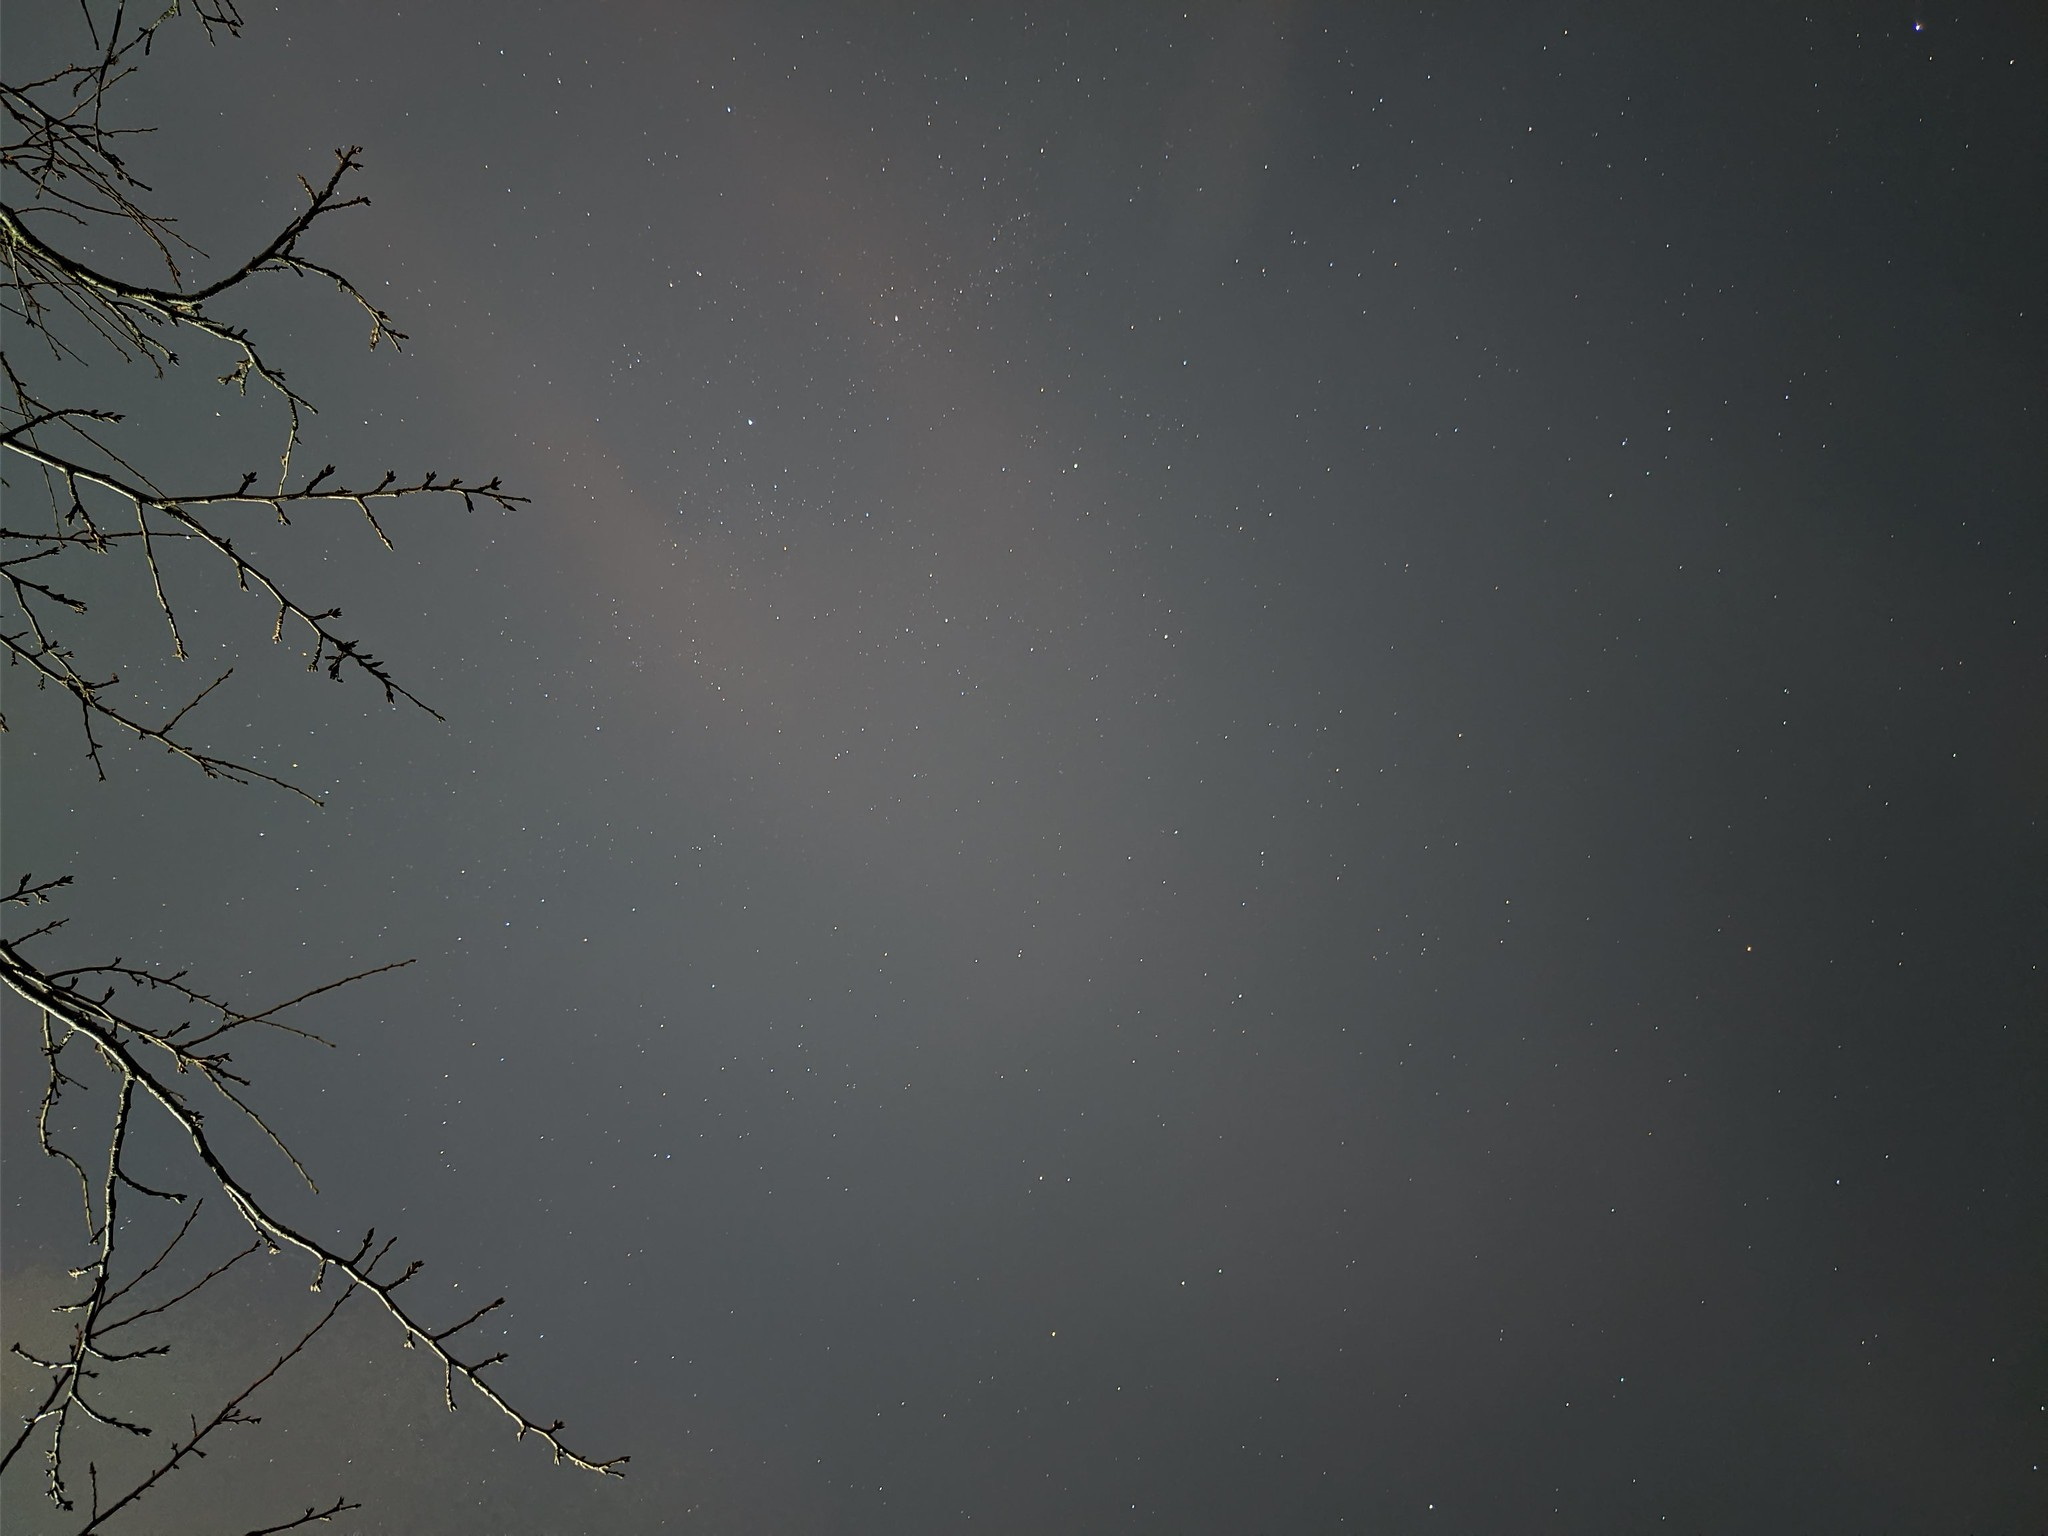 Pixel 4で撮影した星空